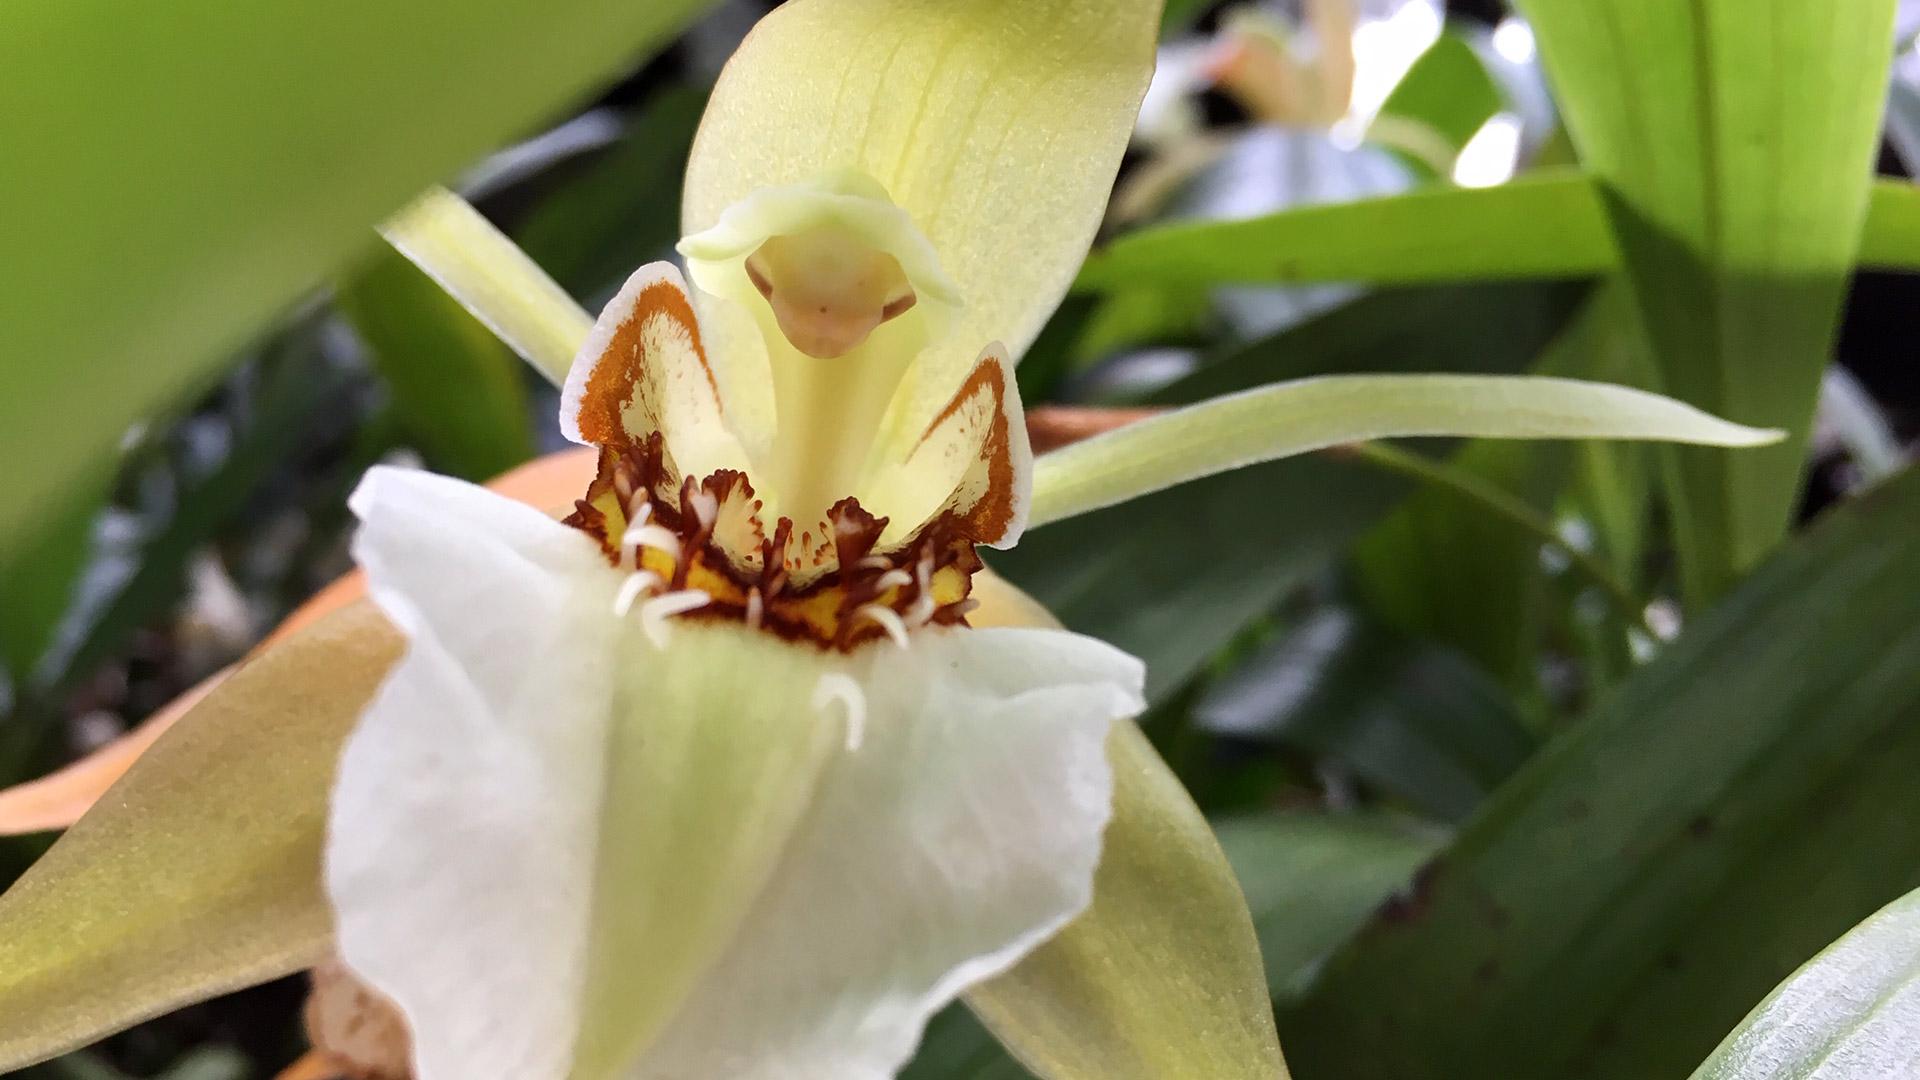 minha orquídea está morrendo por excesso de água